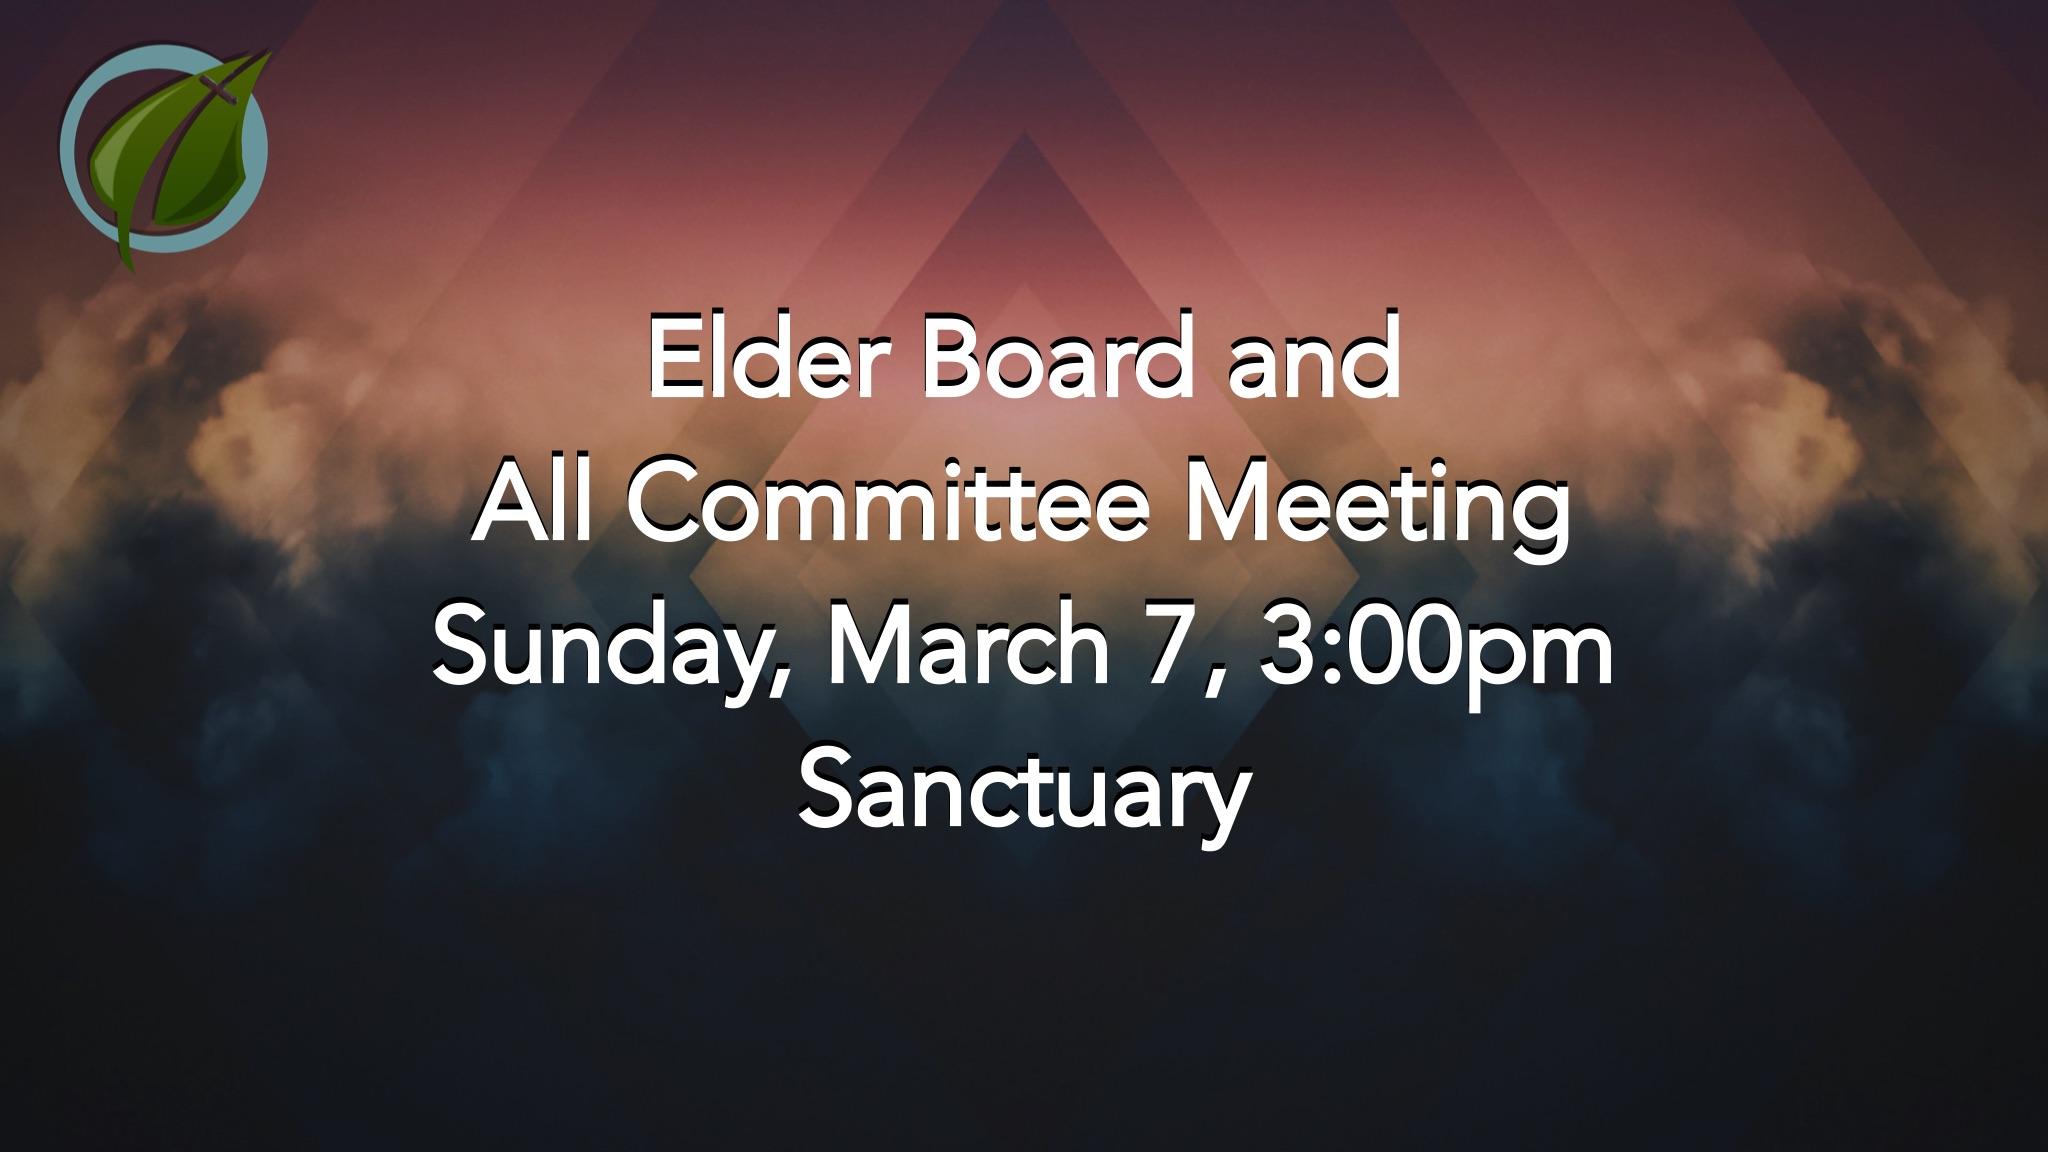 Elder Board & All Committee Meeting